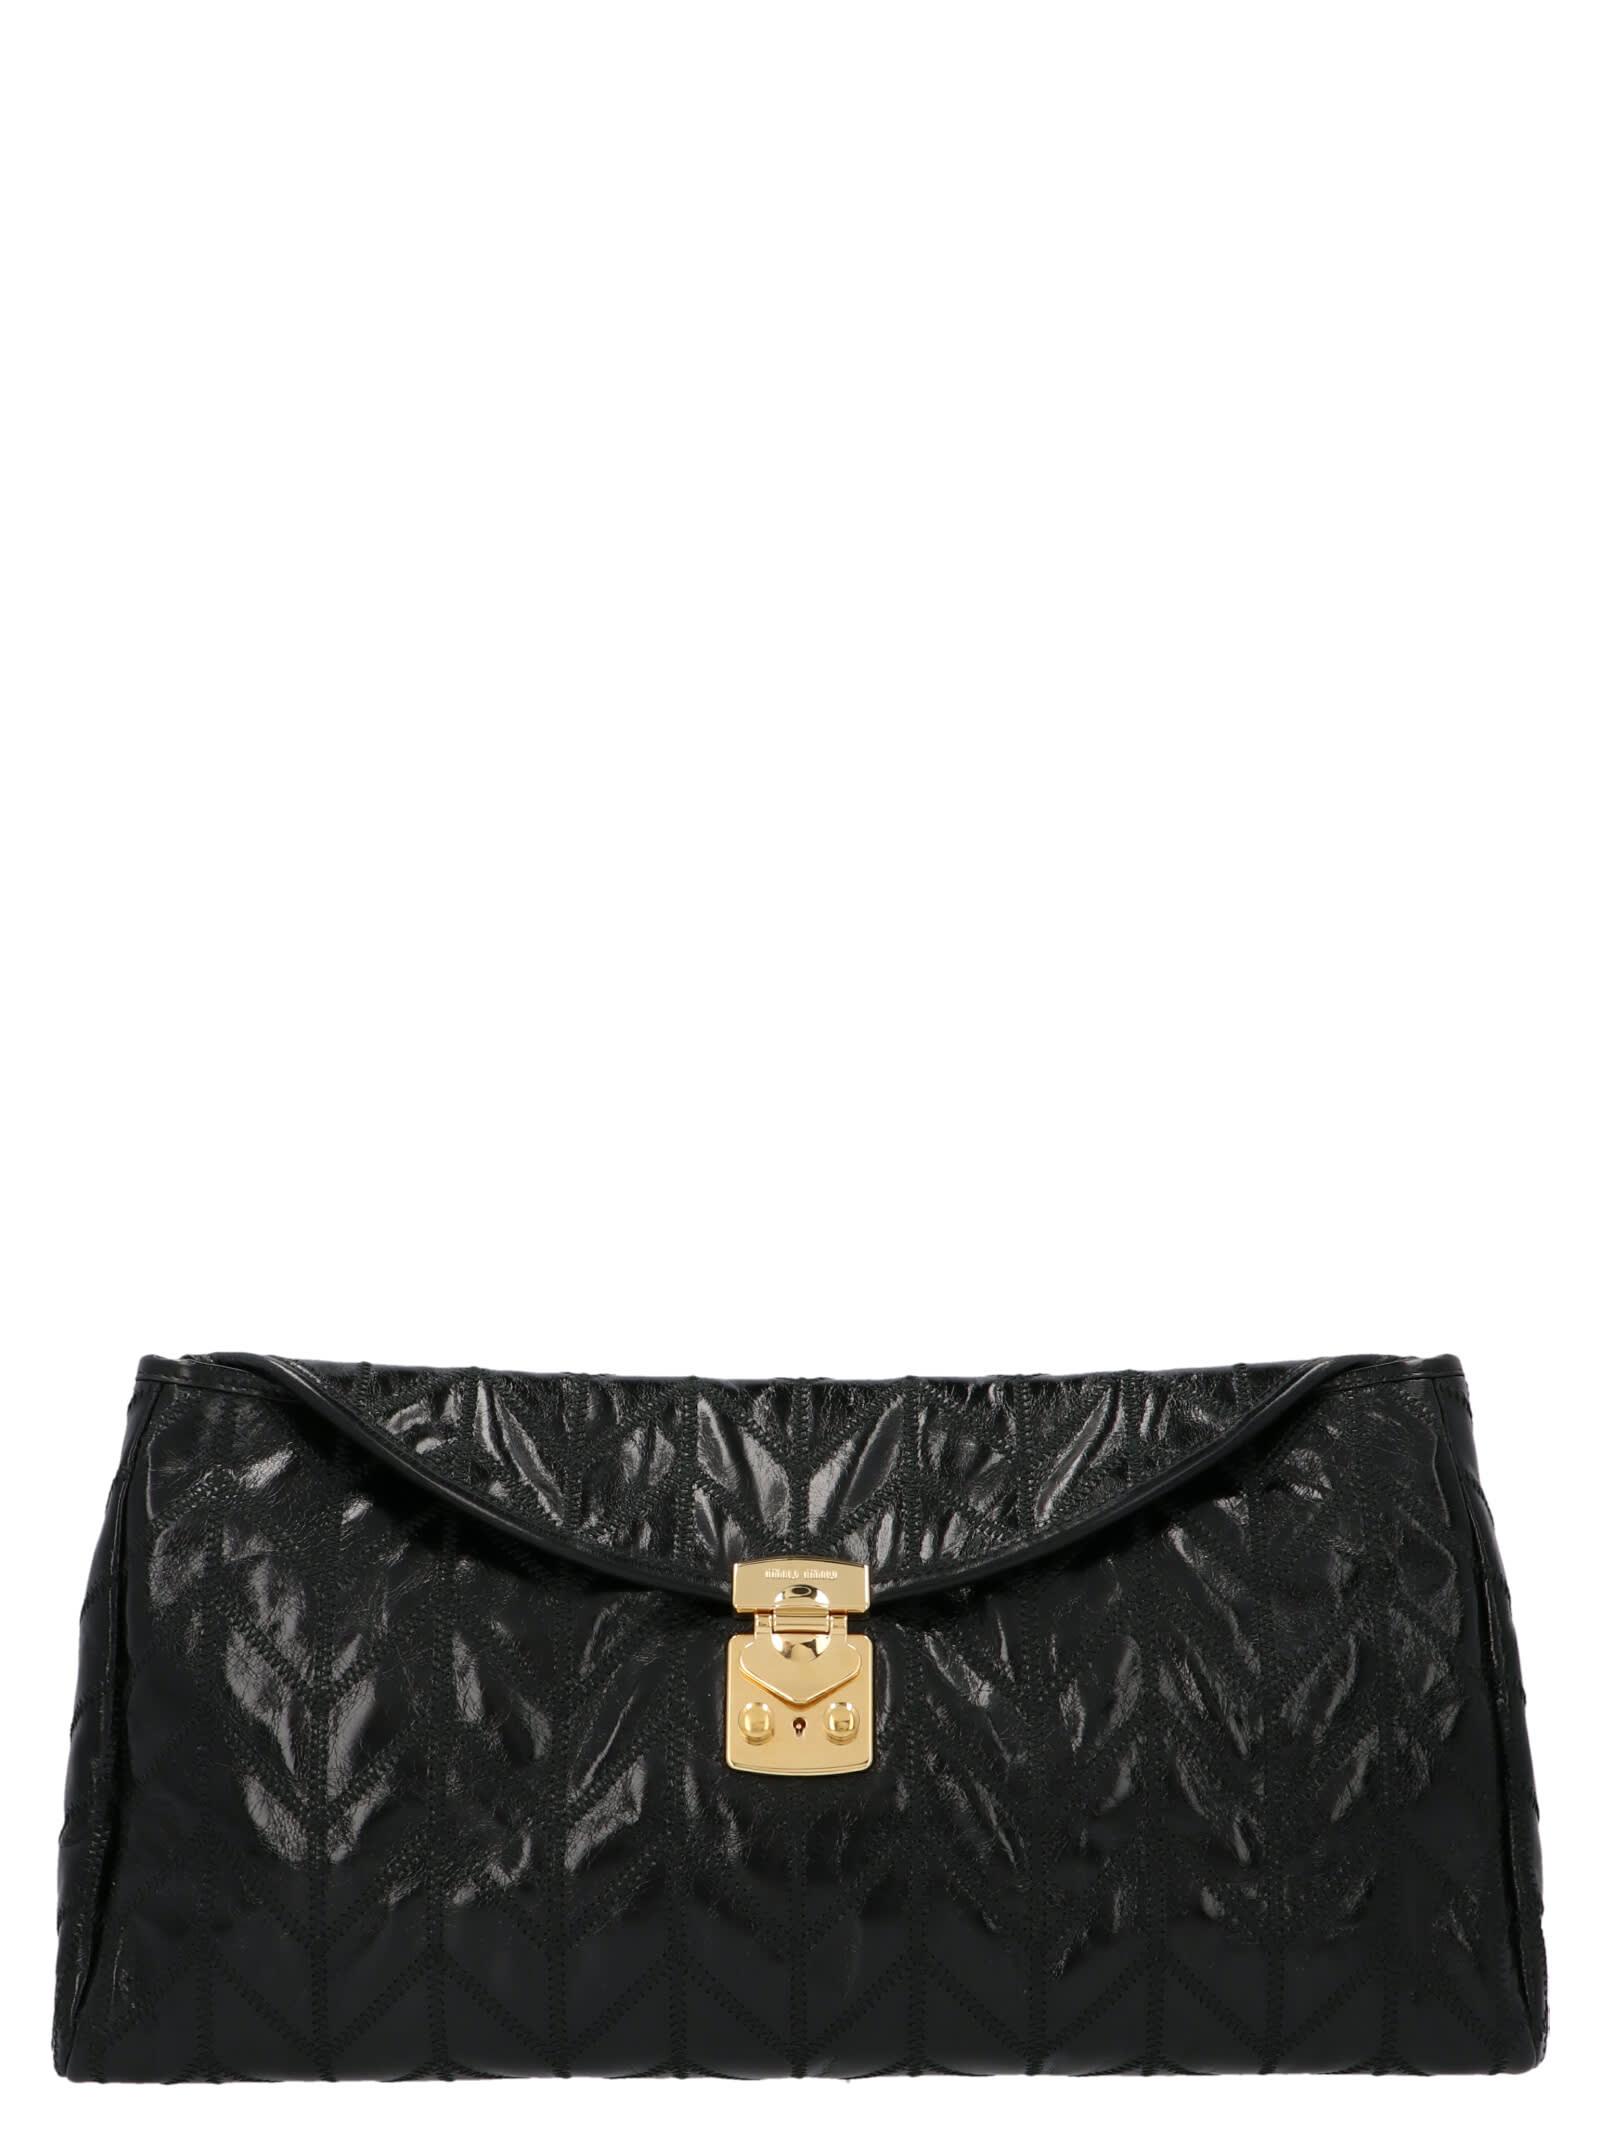 Miu Miu patch Bag